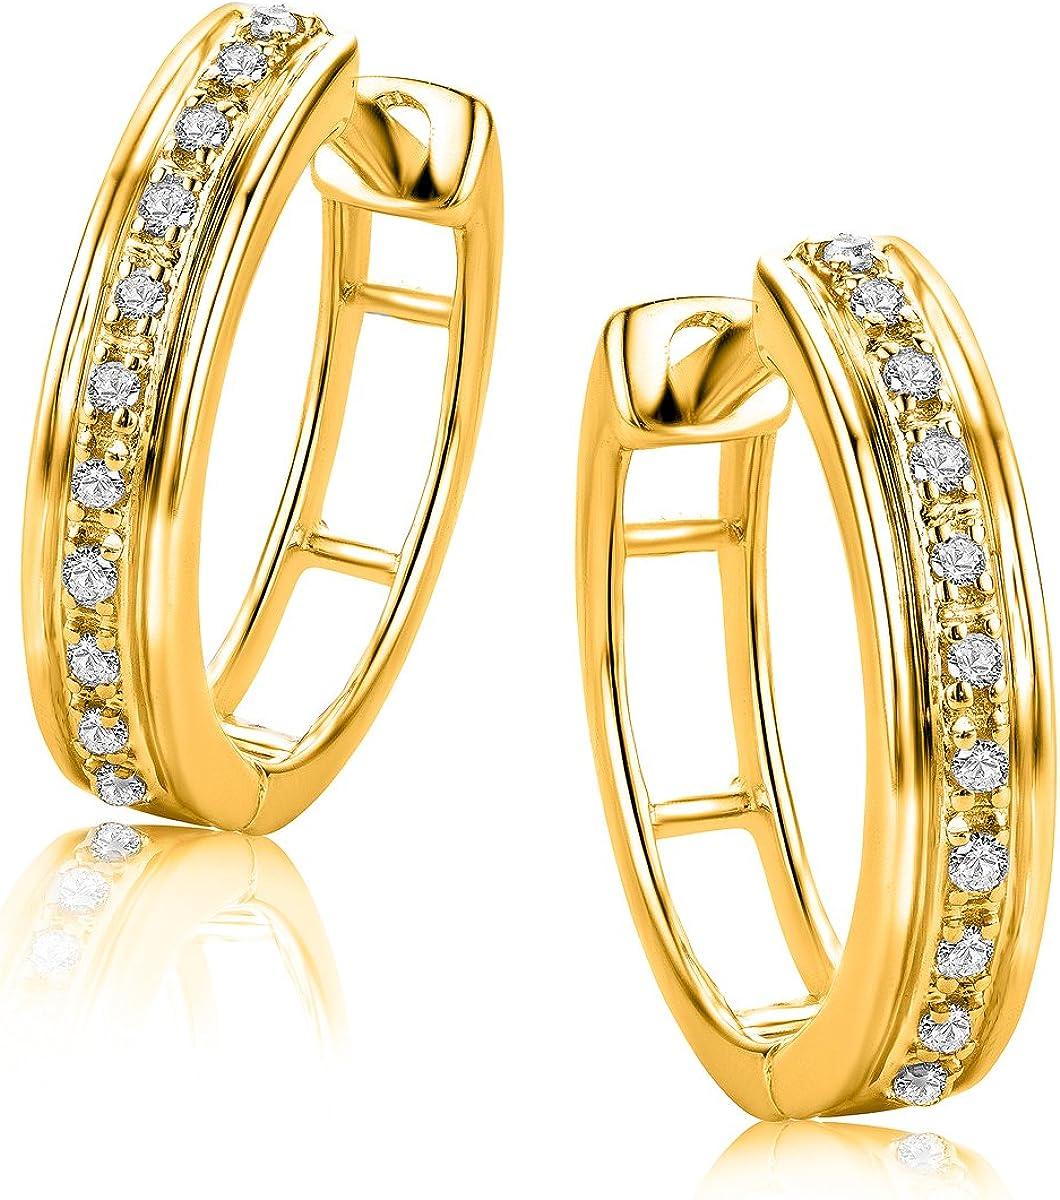 Orovi Pendientes Señora aros en Oro Amarillo con Diamantes Talla Brillante 0.06 ct Oro 9 Kt / 375